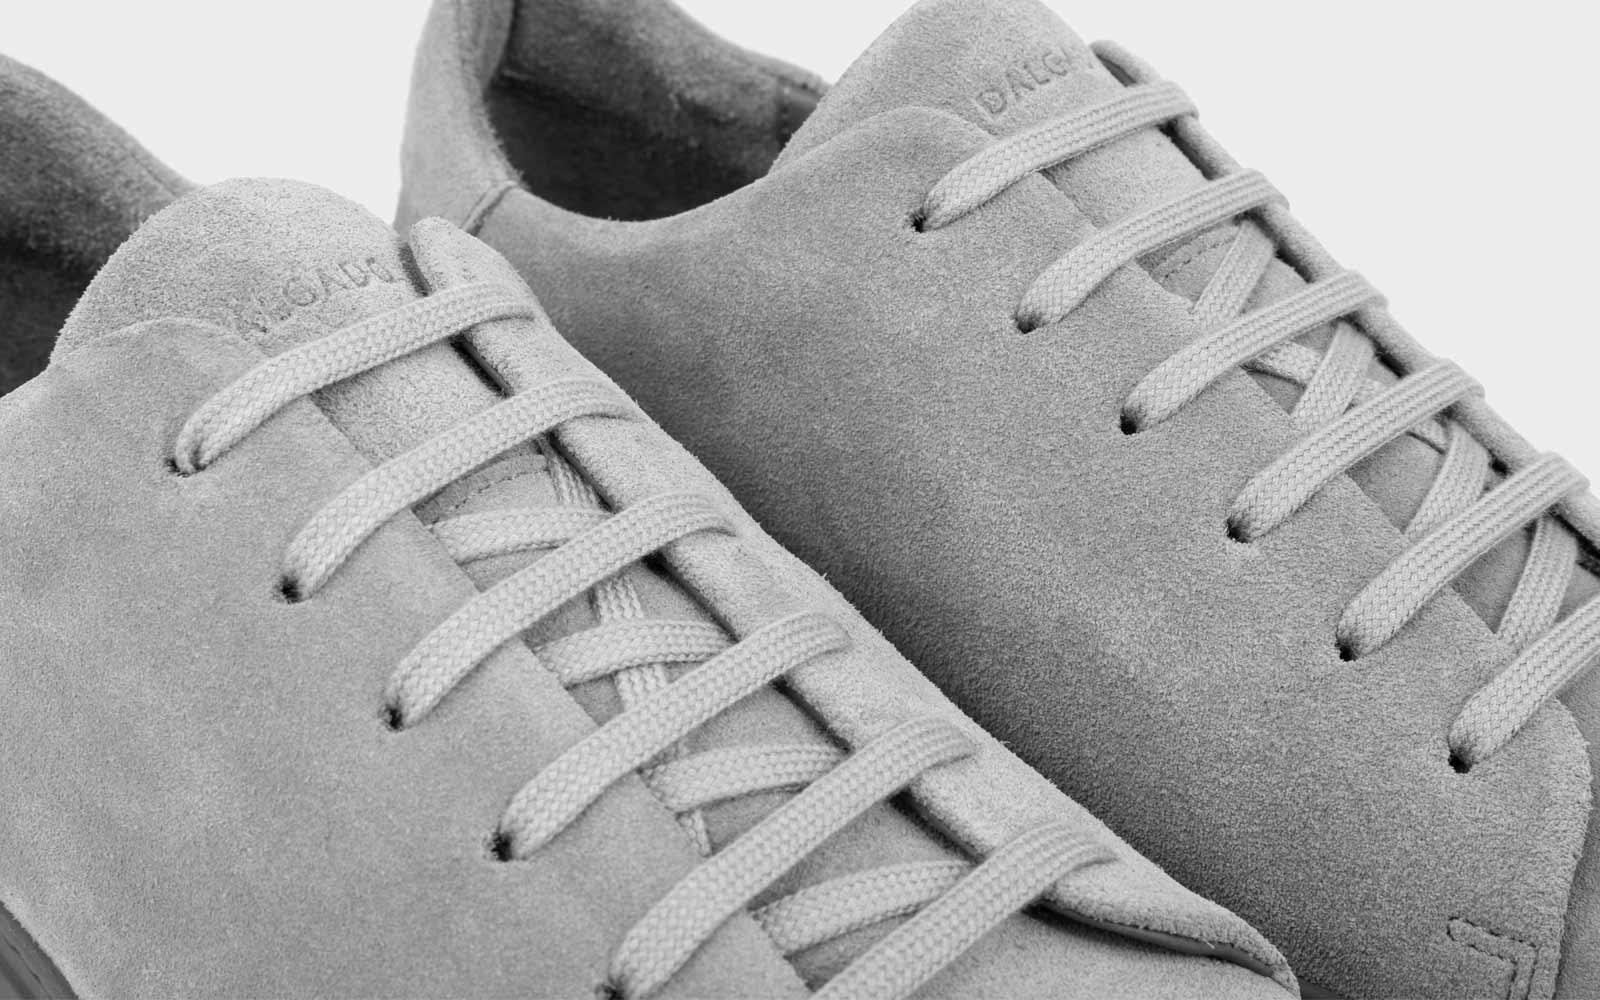 Umberto Veloursleder Sneaker grau